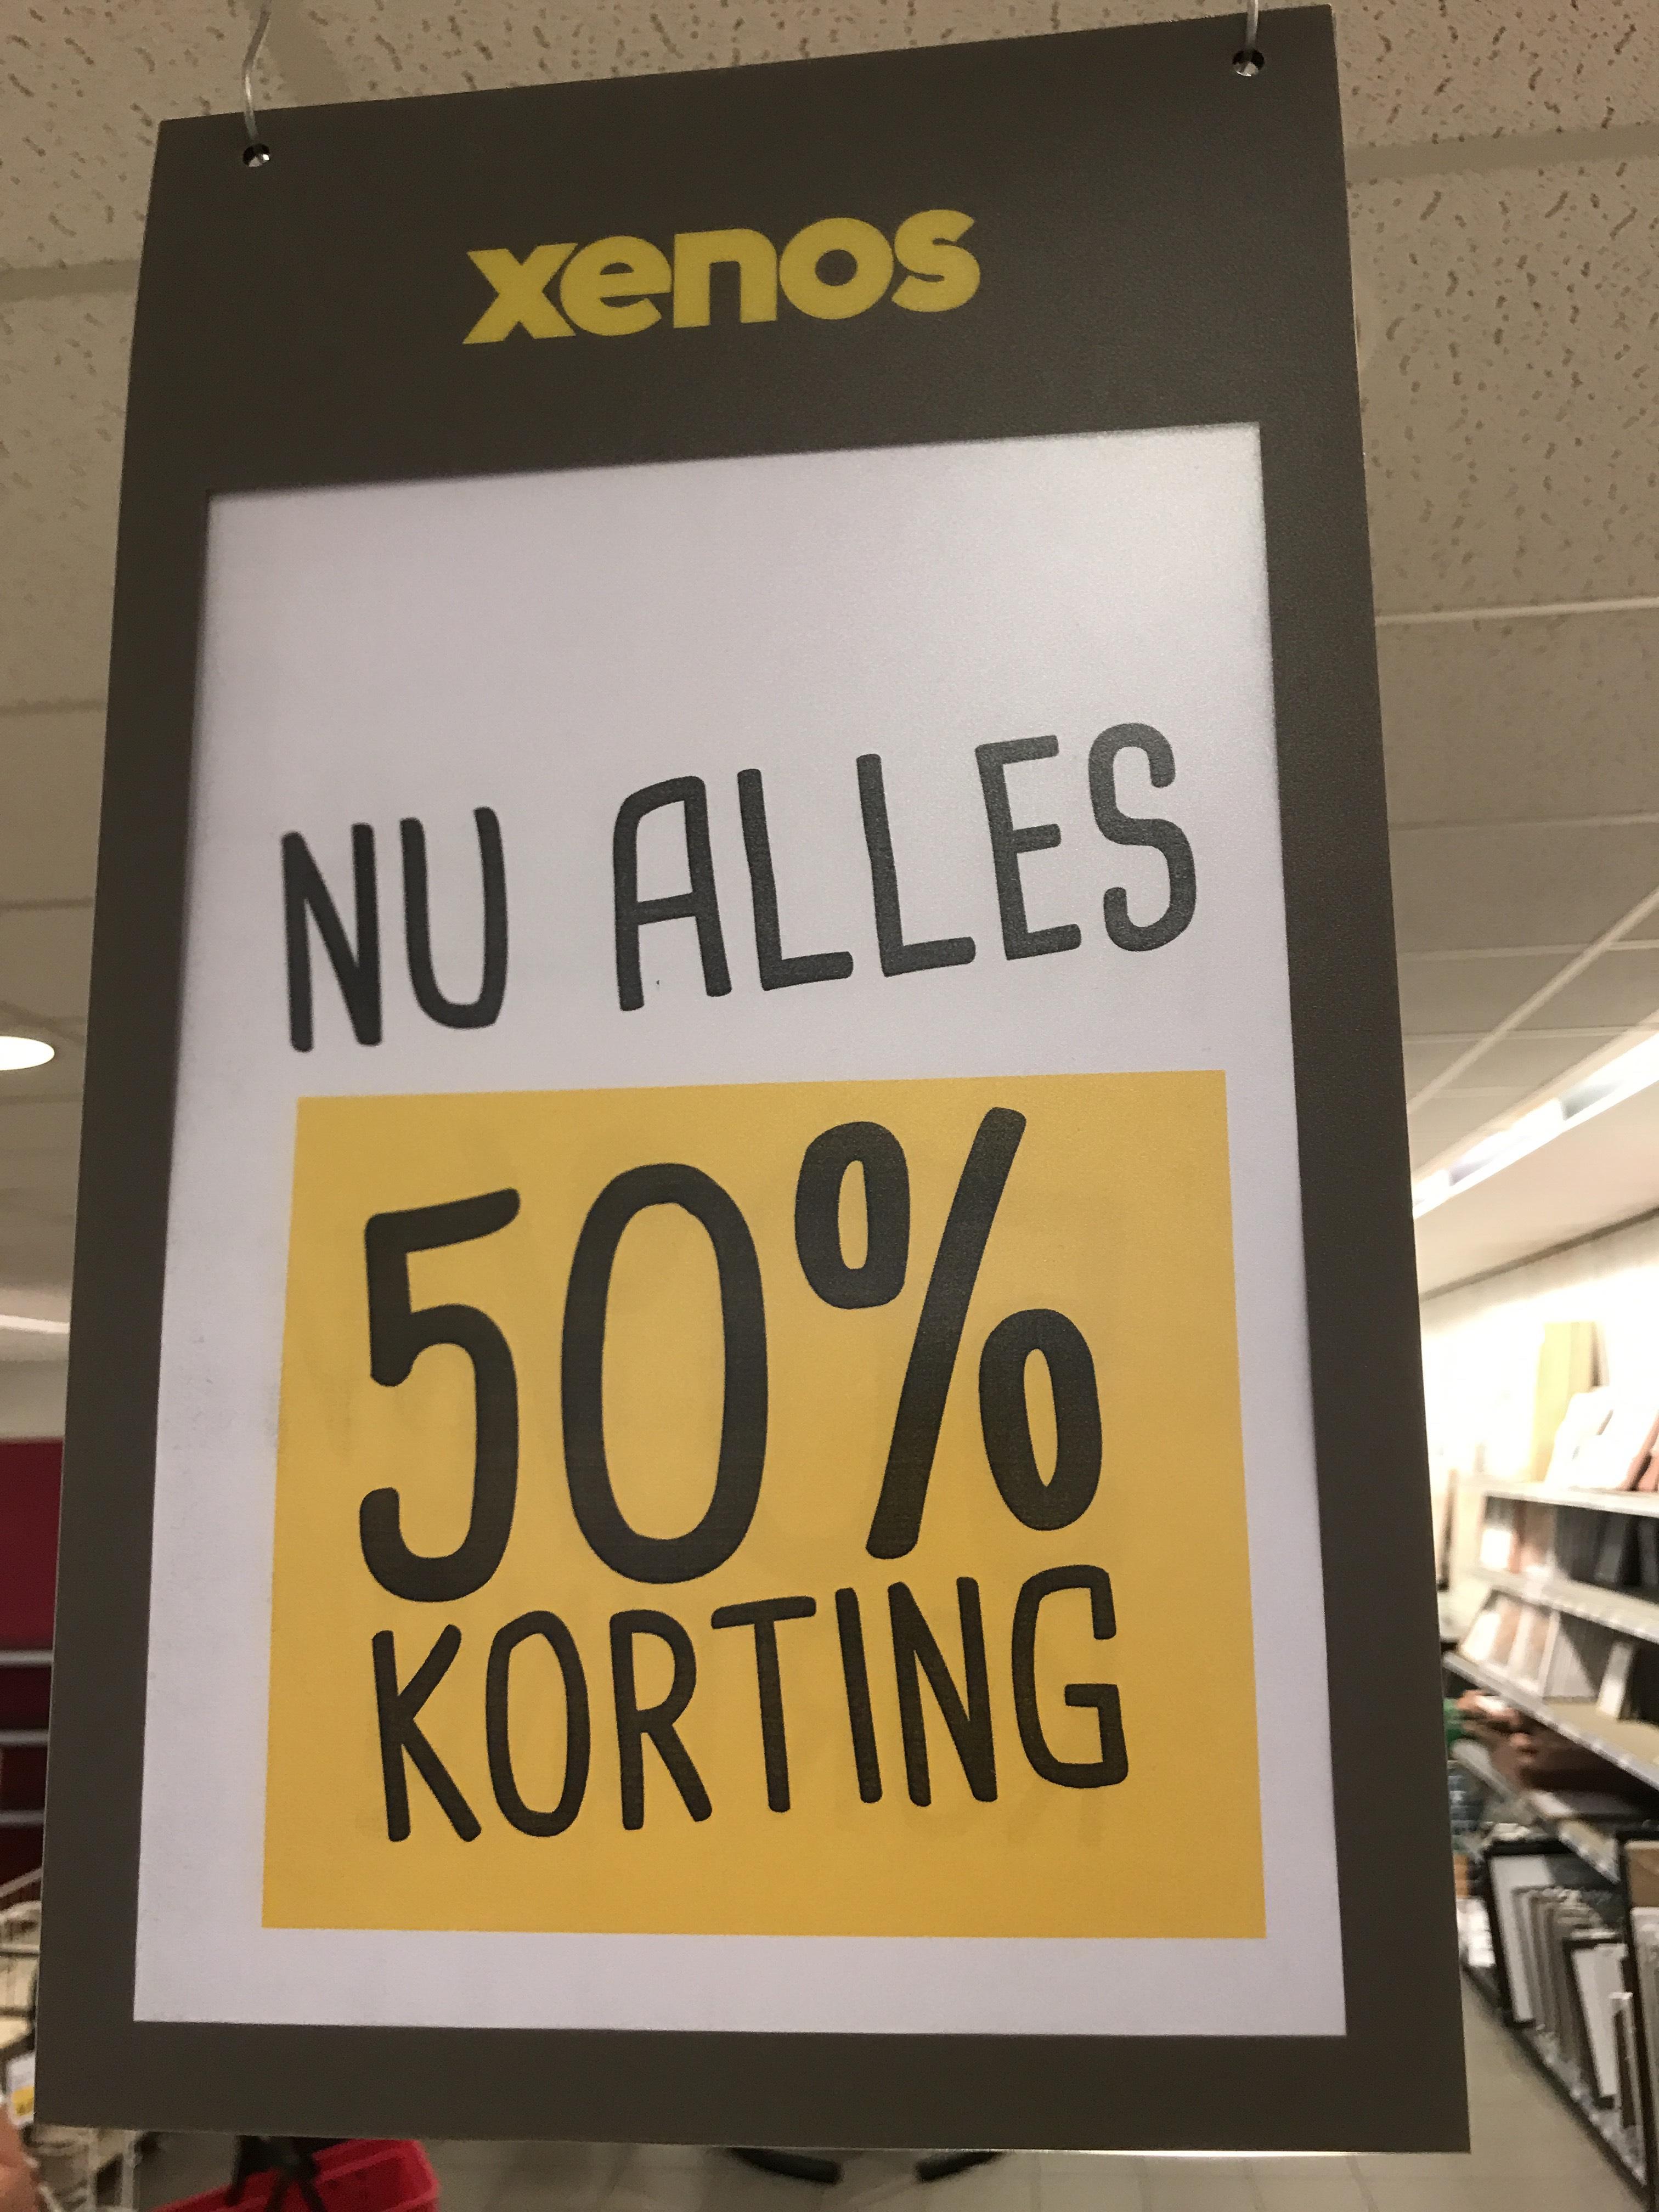 XENOS Eindhoven (Centrum) nu alles 50% korting!